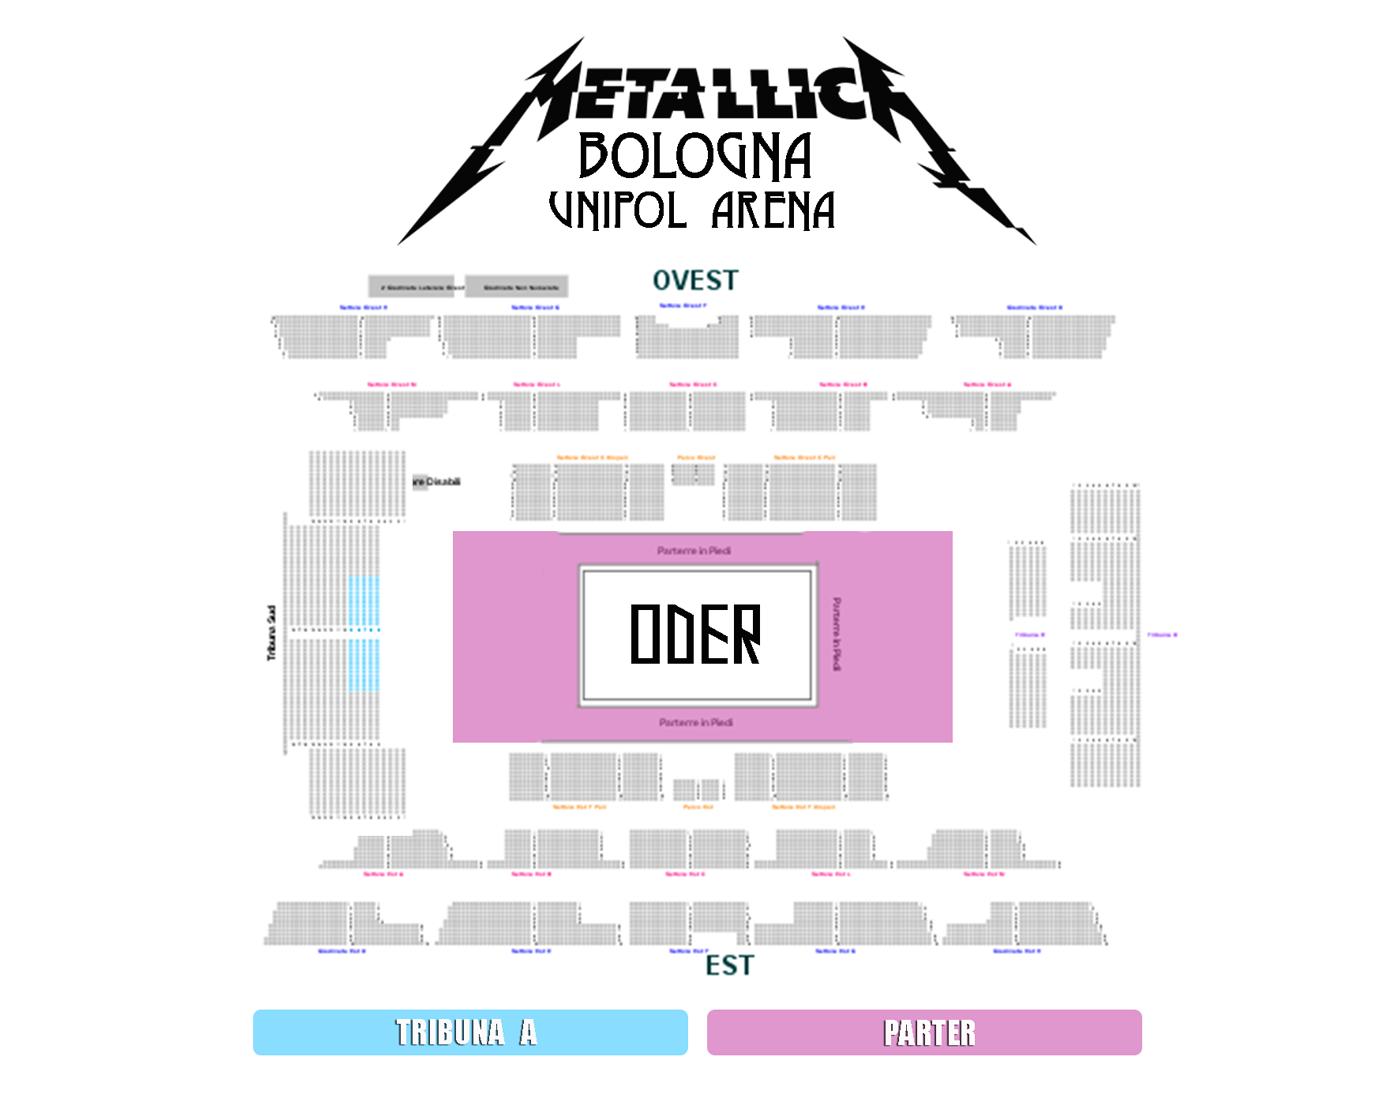 Metallica-nacrt-dvorane-Bologna-2018-02